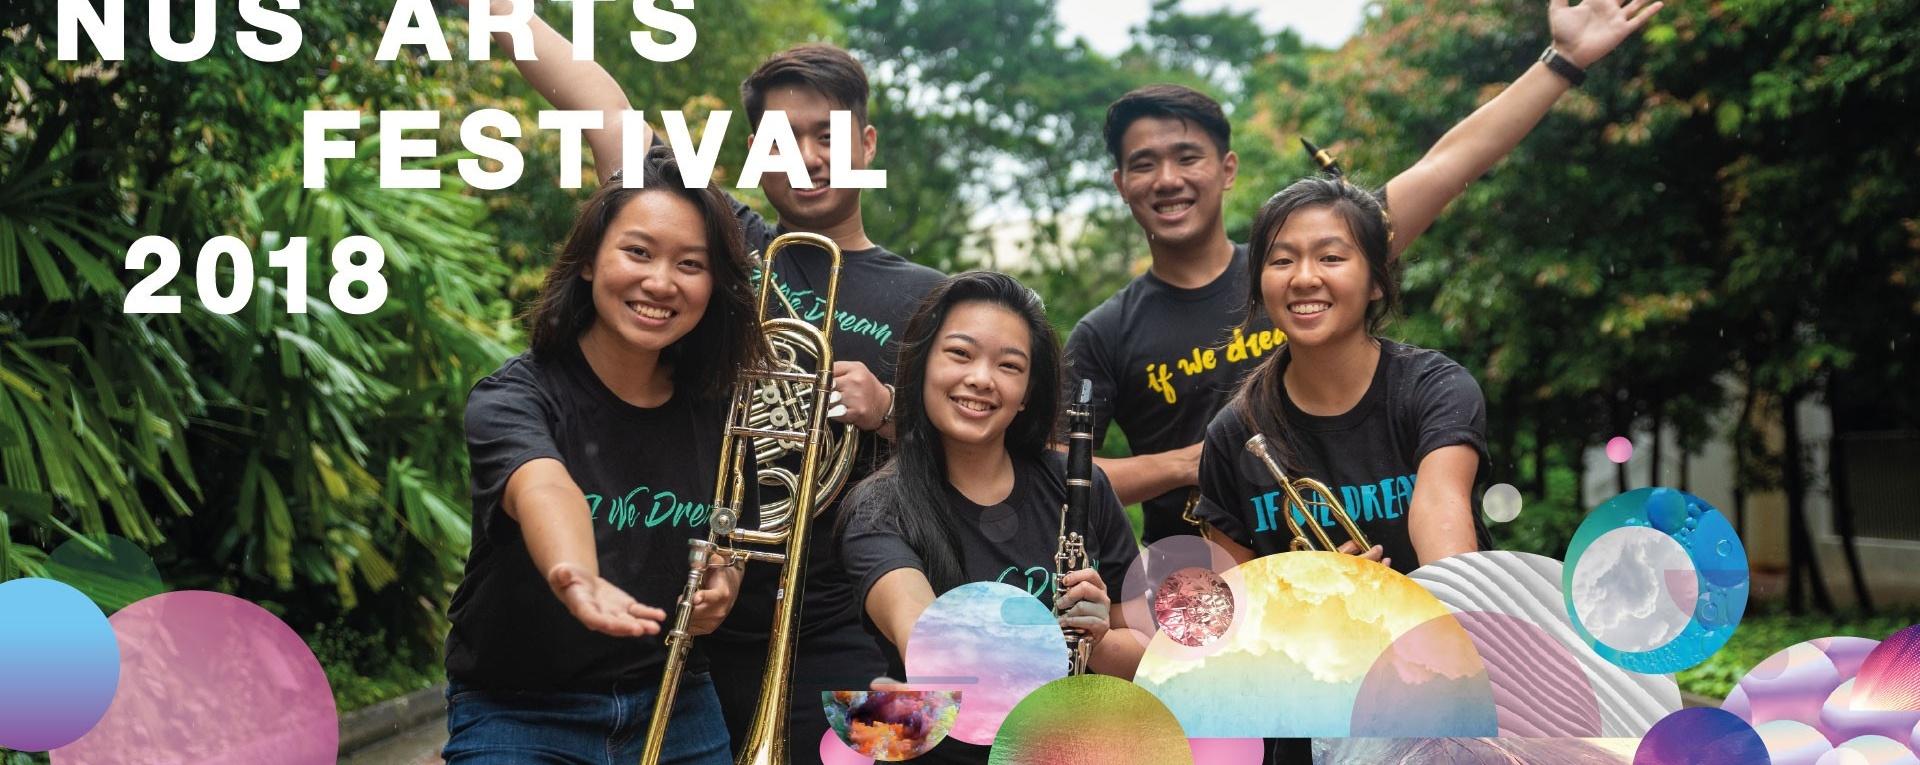 NUS Arts Festival 2018: Da Capo XIII - The Magic of Music